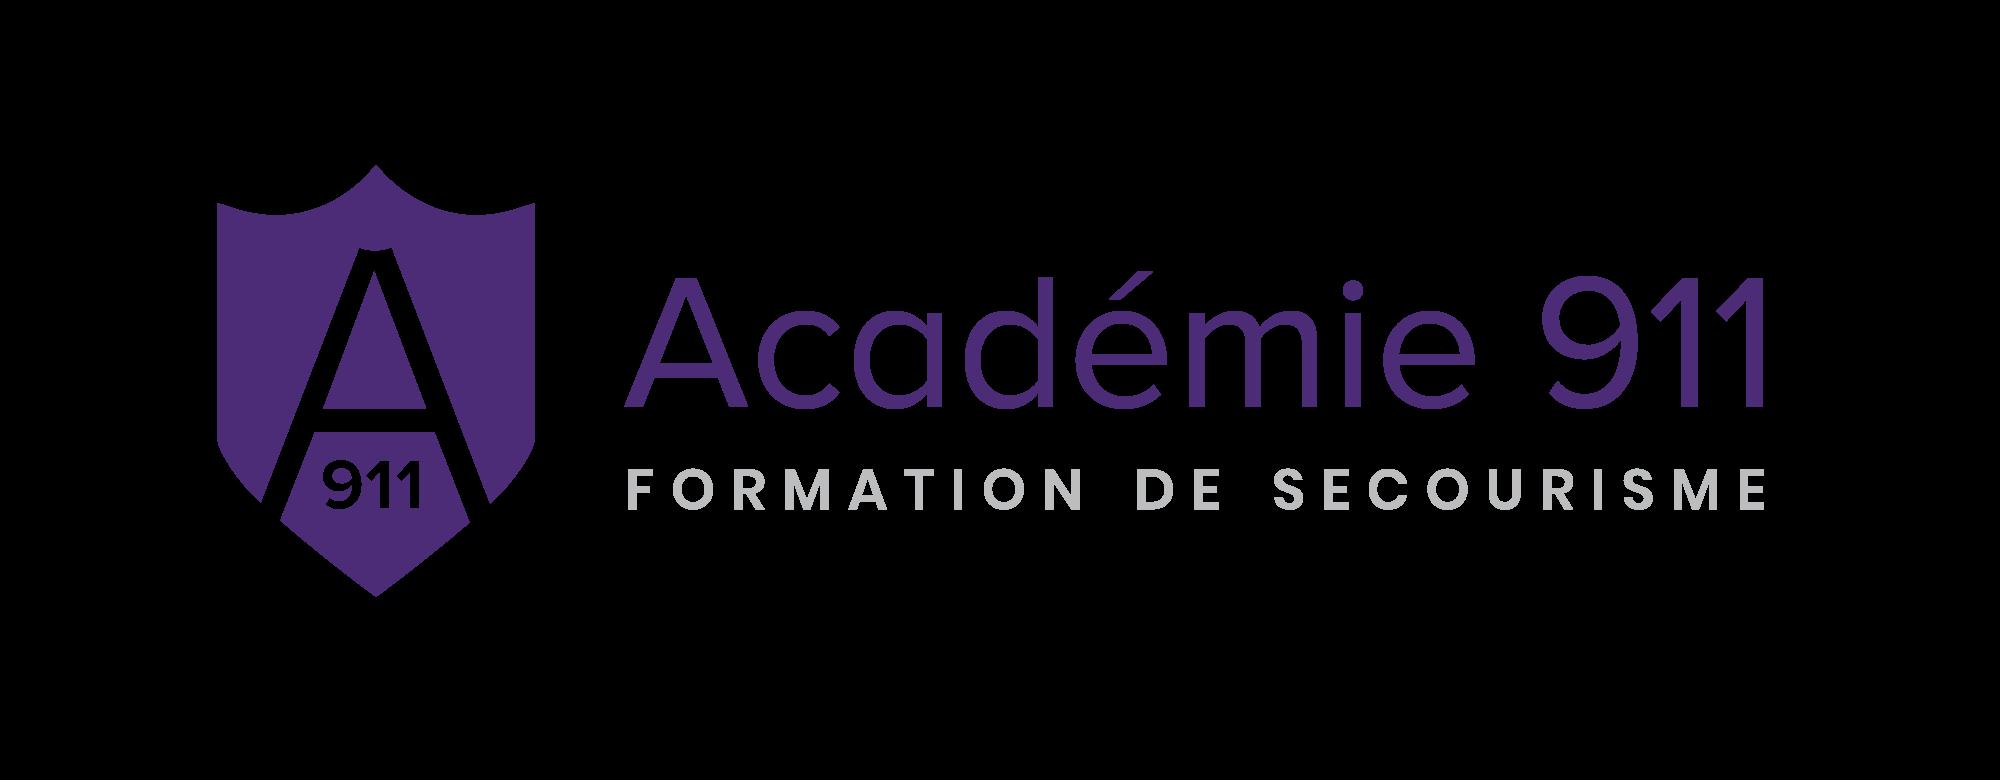 Académie 911